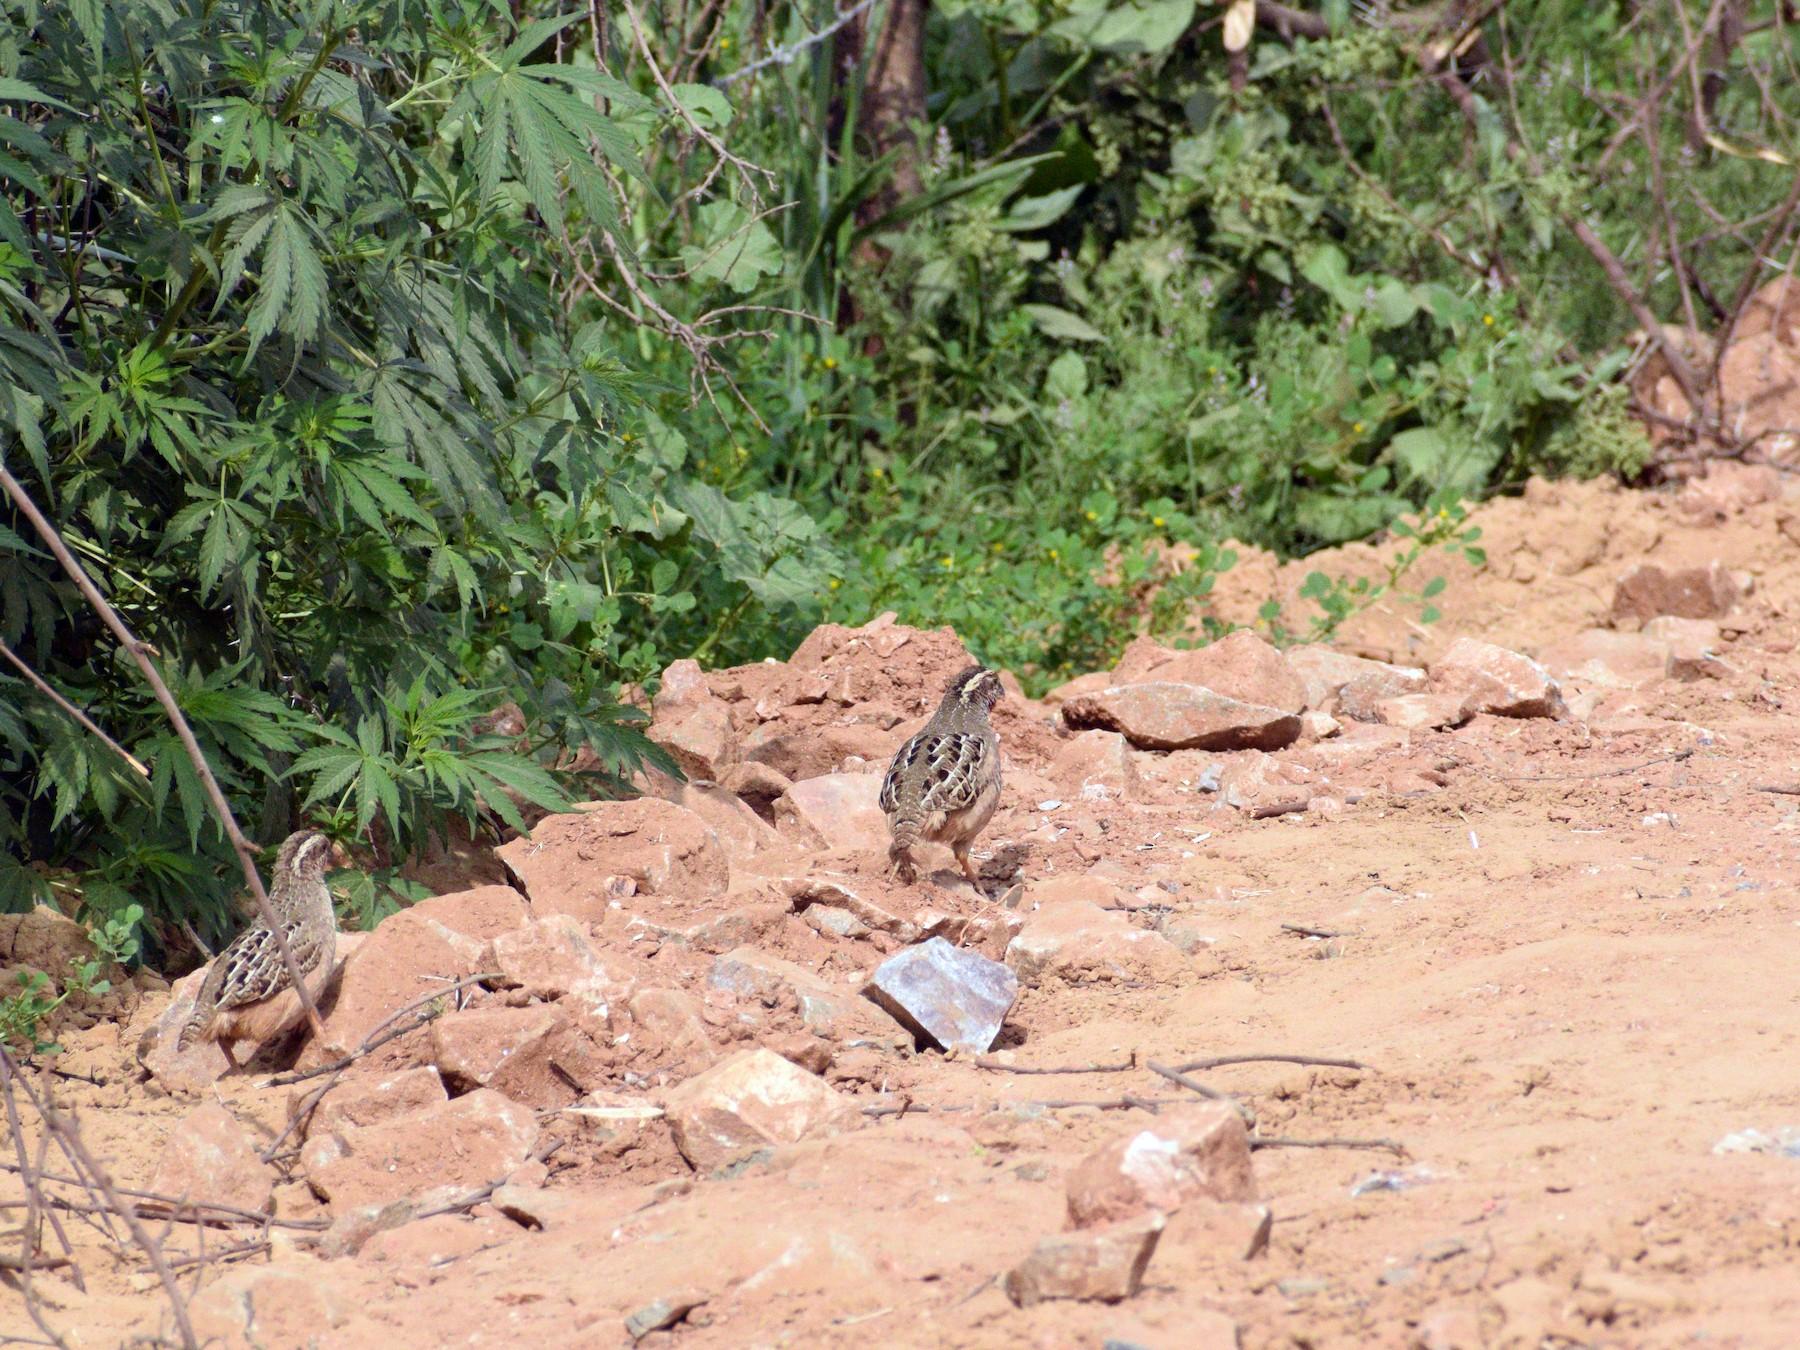 Jungle Bush-Quail - Sibaram Behera